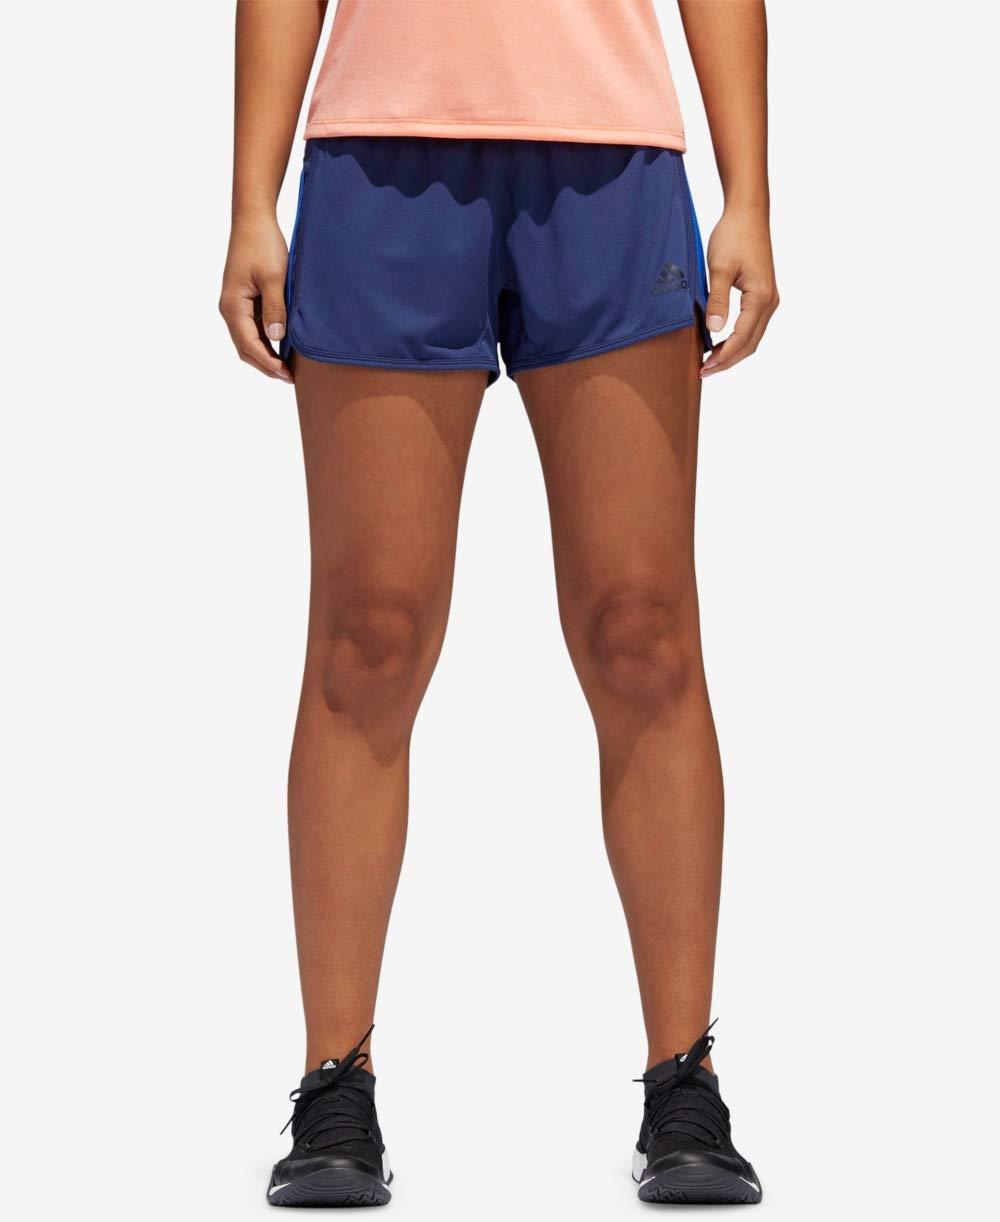 adidas Women's D2m Knit Shorts Noble Indigo Large 3 3